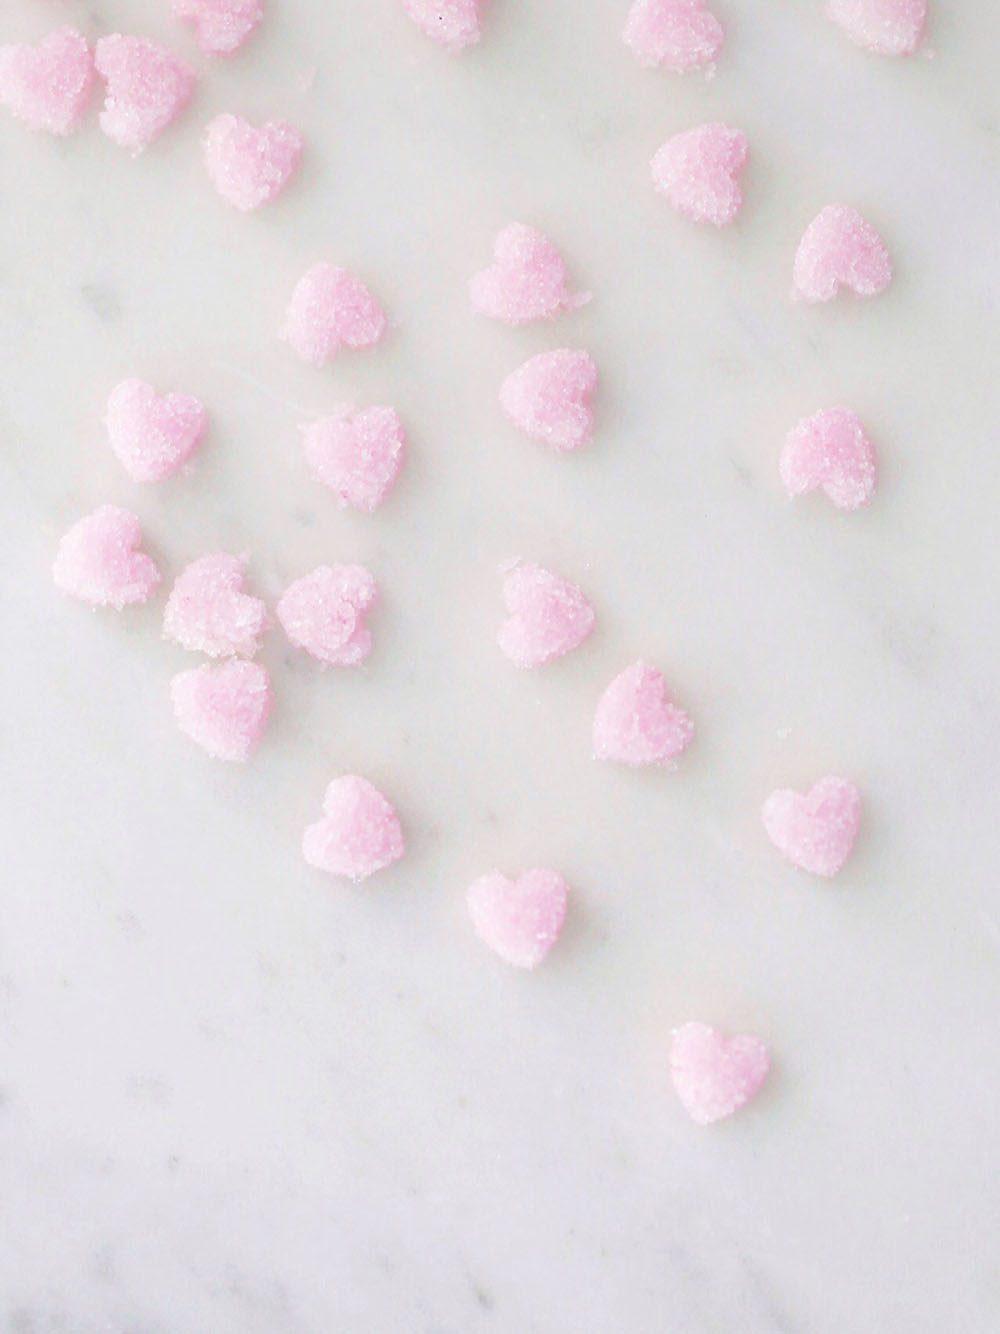 jillian-harris-erin-sousa-valentine-sugar-hearts-9